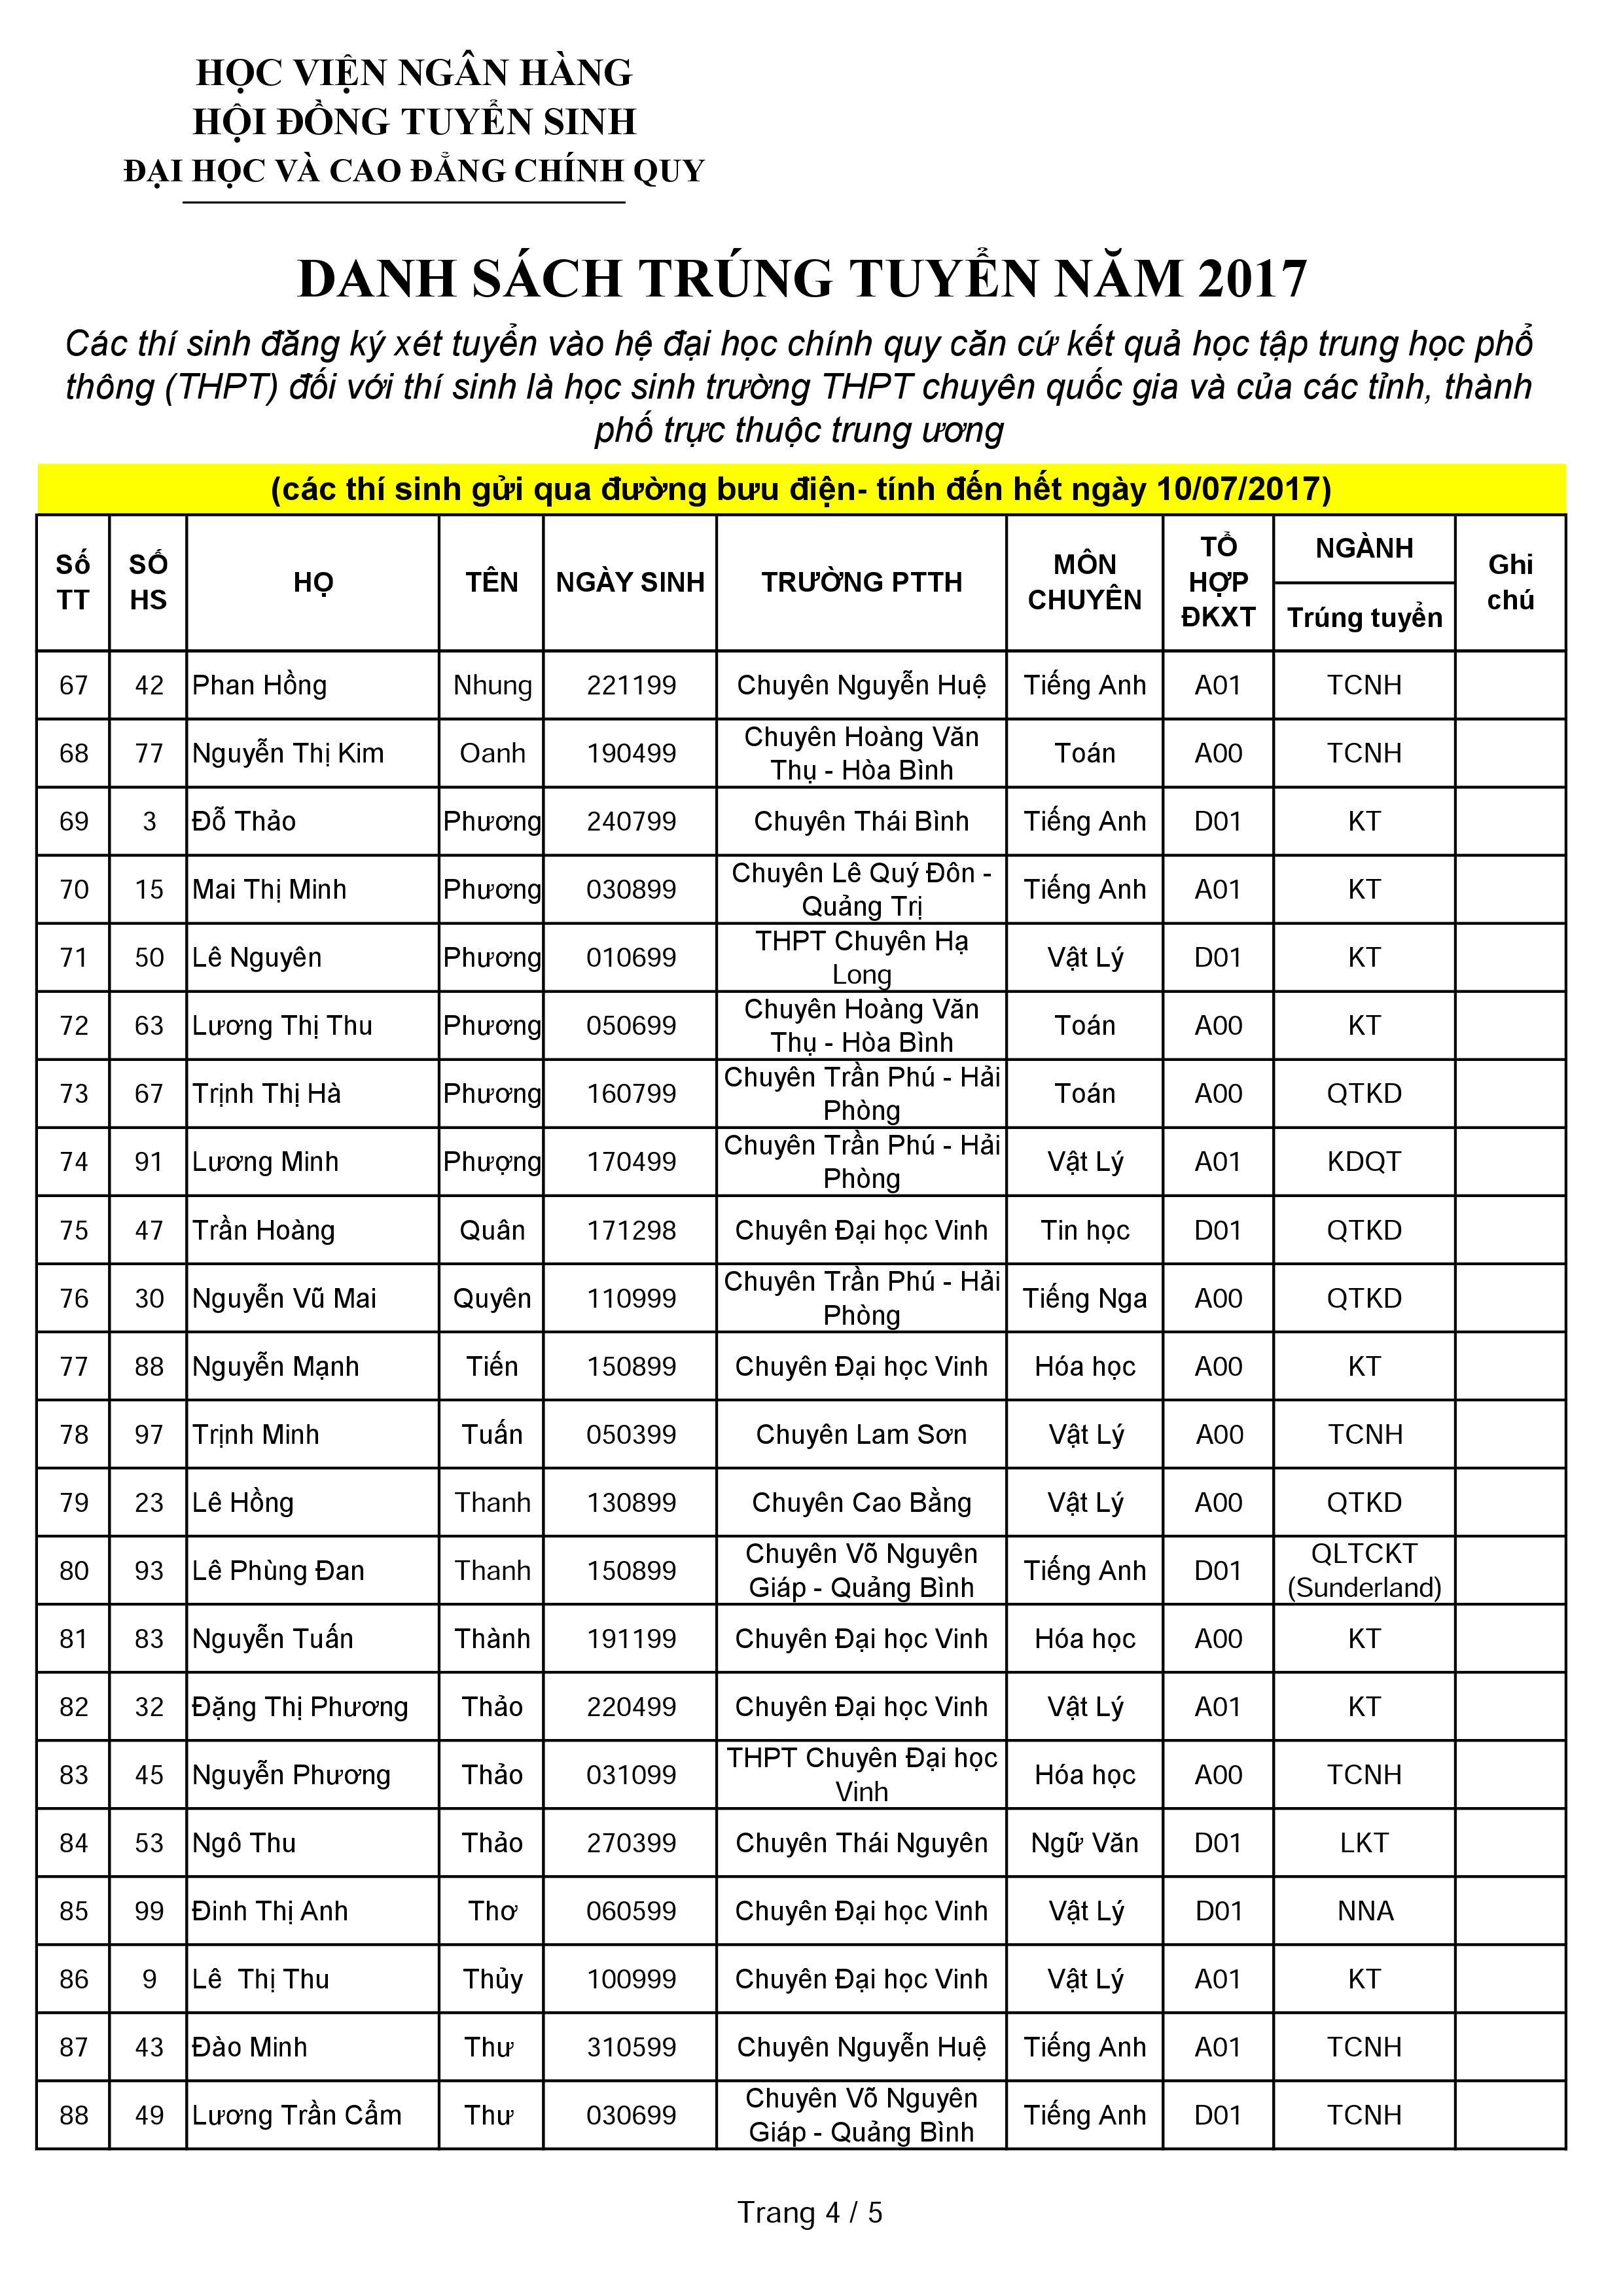 Danh sách thí sinh trúng tuyển dựa vào kết quả học tập THPT năm 2017 nộp qua bưu điện